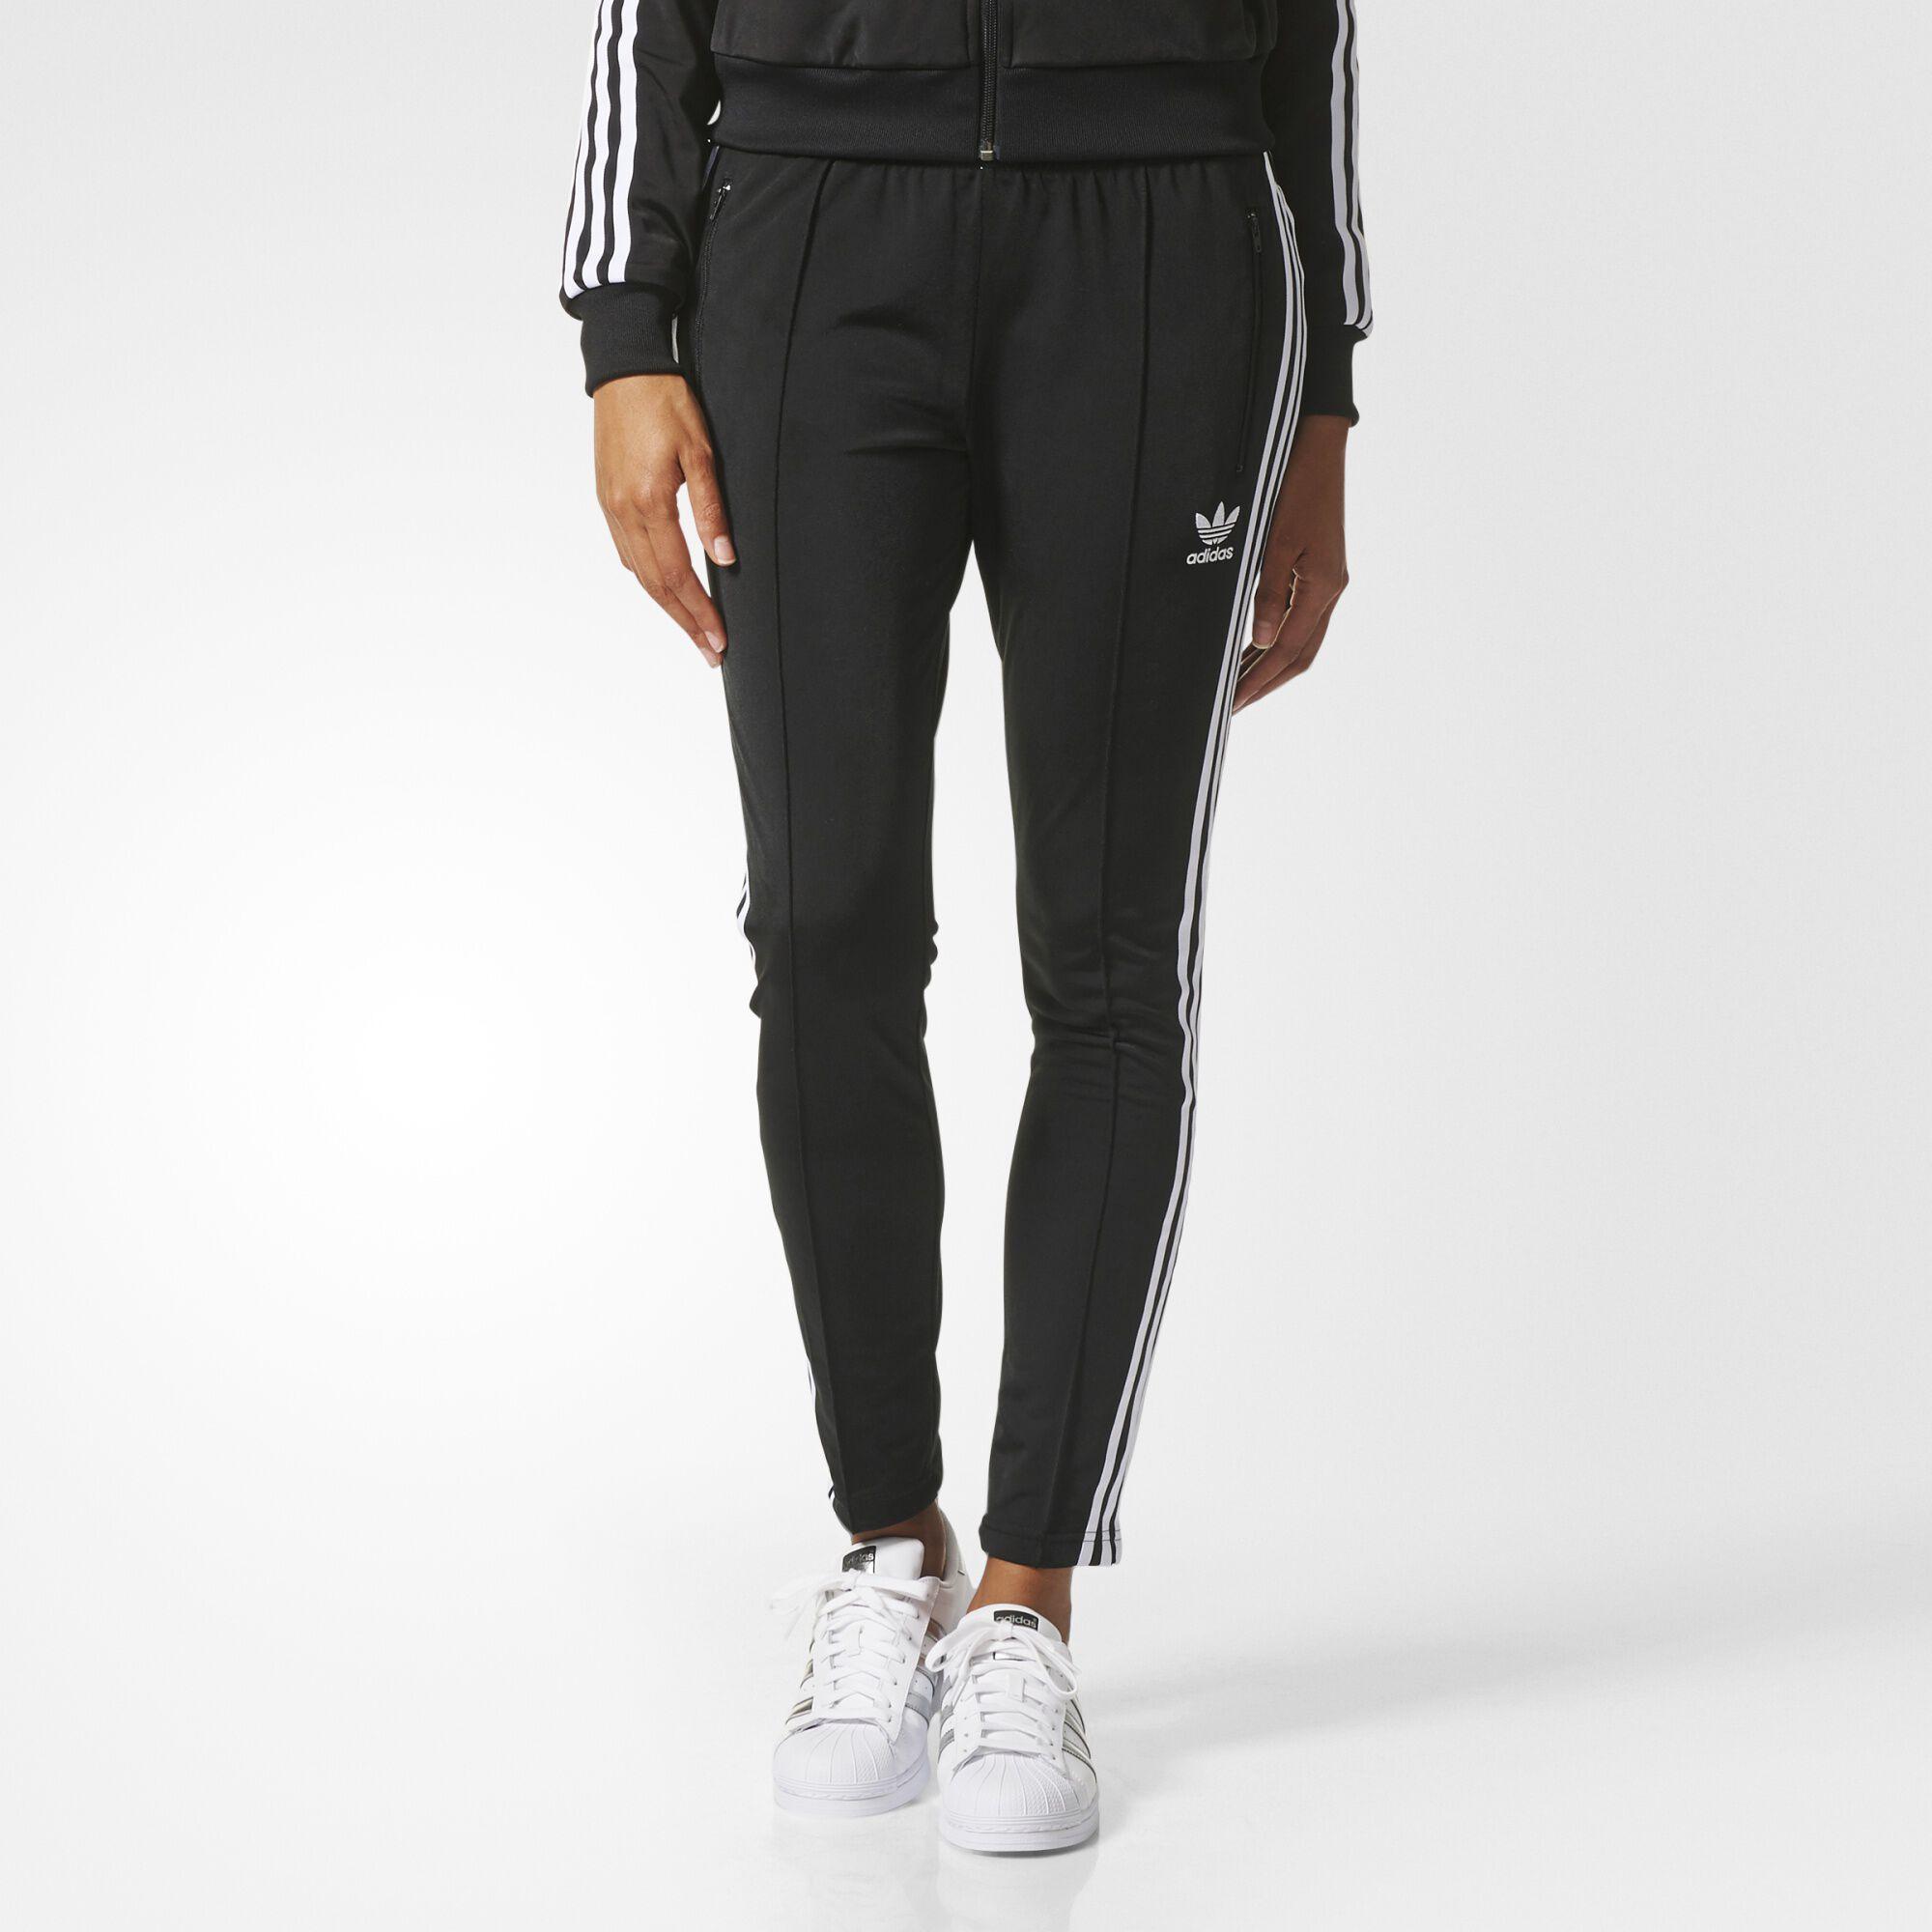 Buy adidas neo pants   OFF66% Discounted e5e44de964dcf